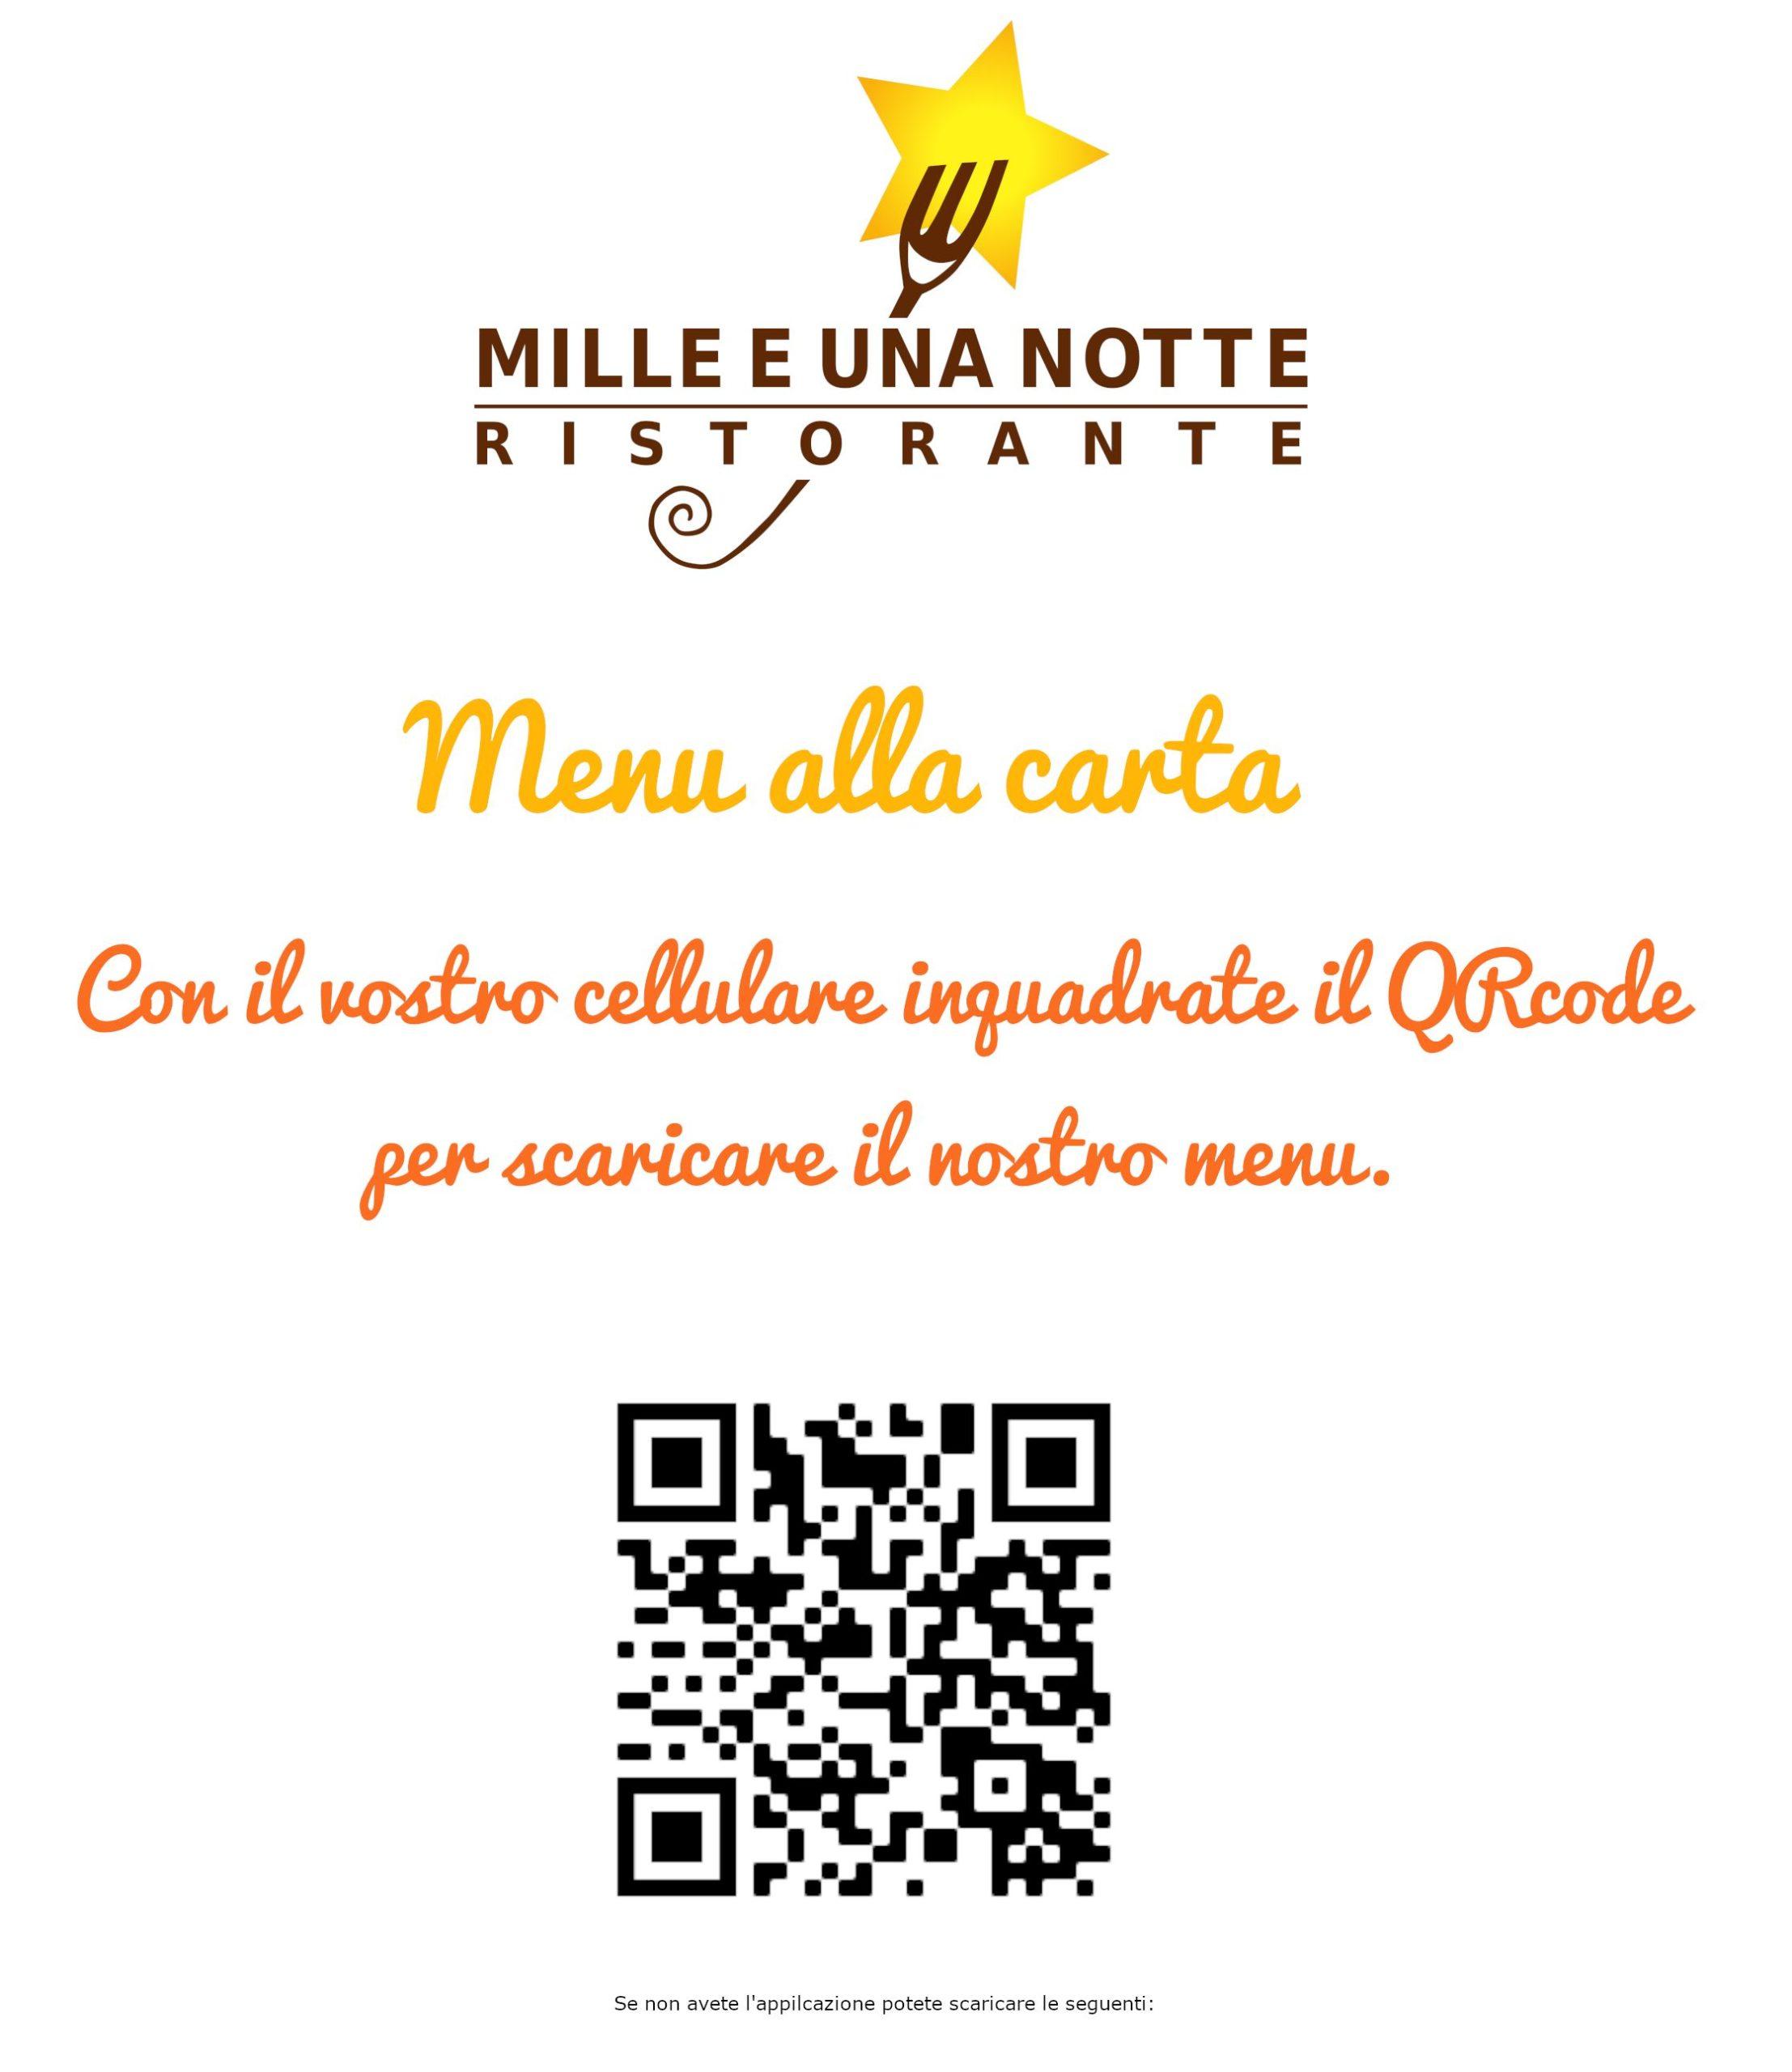 QRcode menu